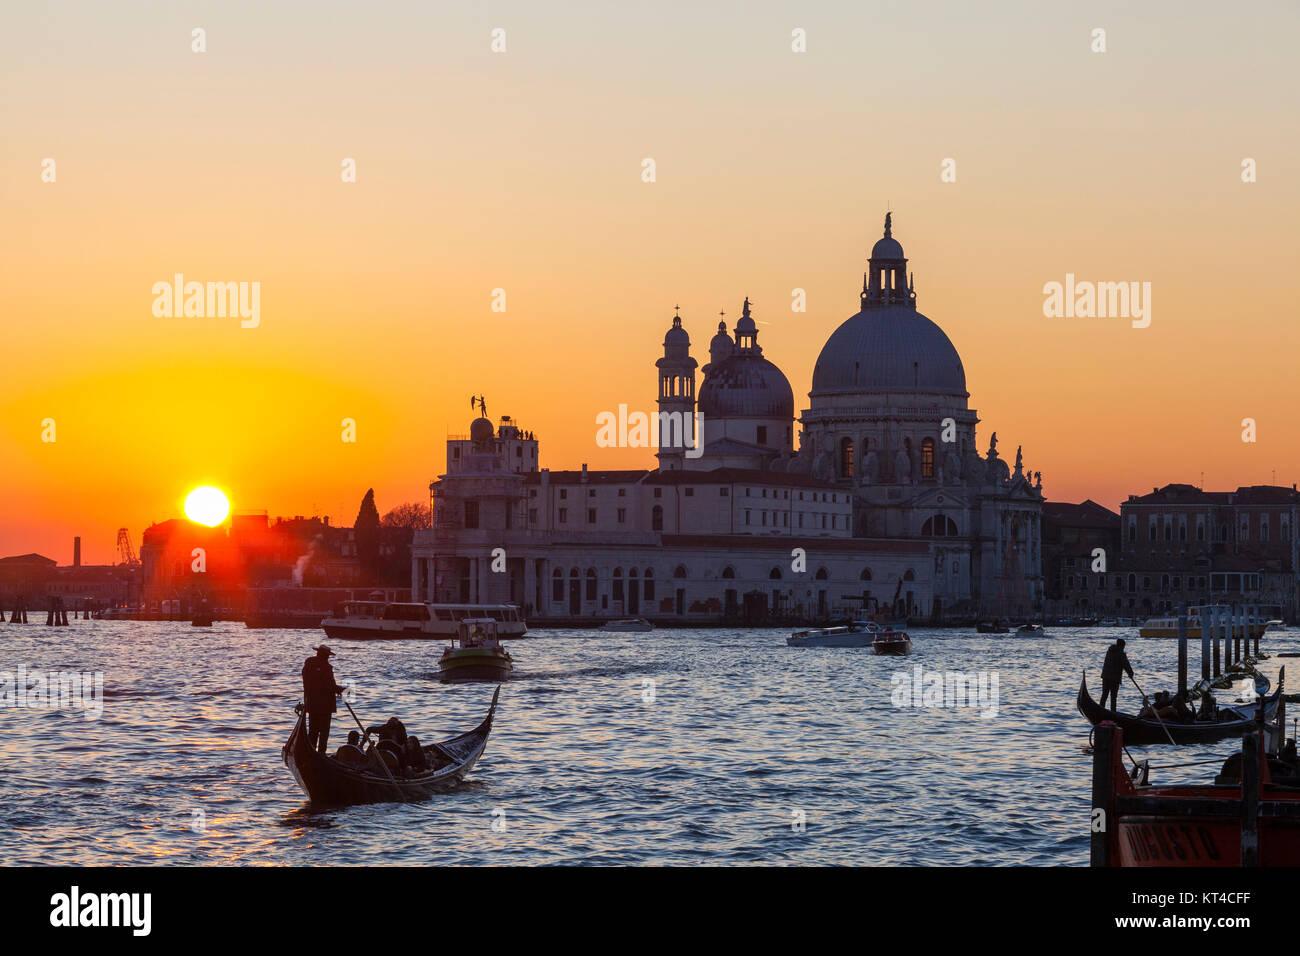 Colourful orange sunset over the Venice lagoon and Basilica di Santa Maria della Salute with  gondolas with tourists in ta romantic scene Stock Photo